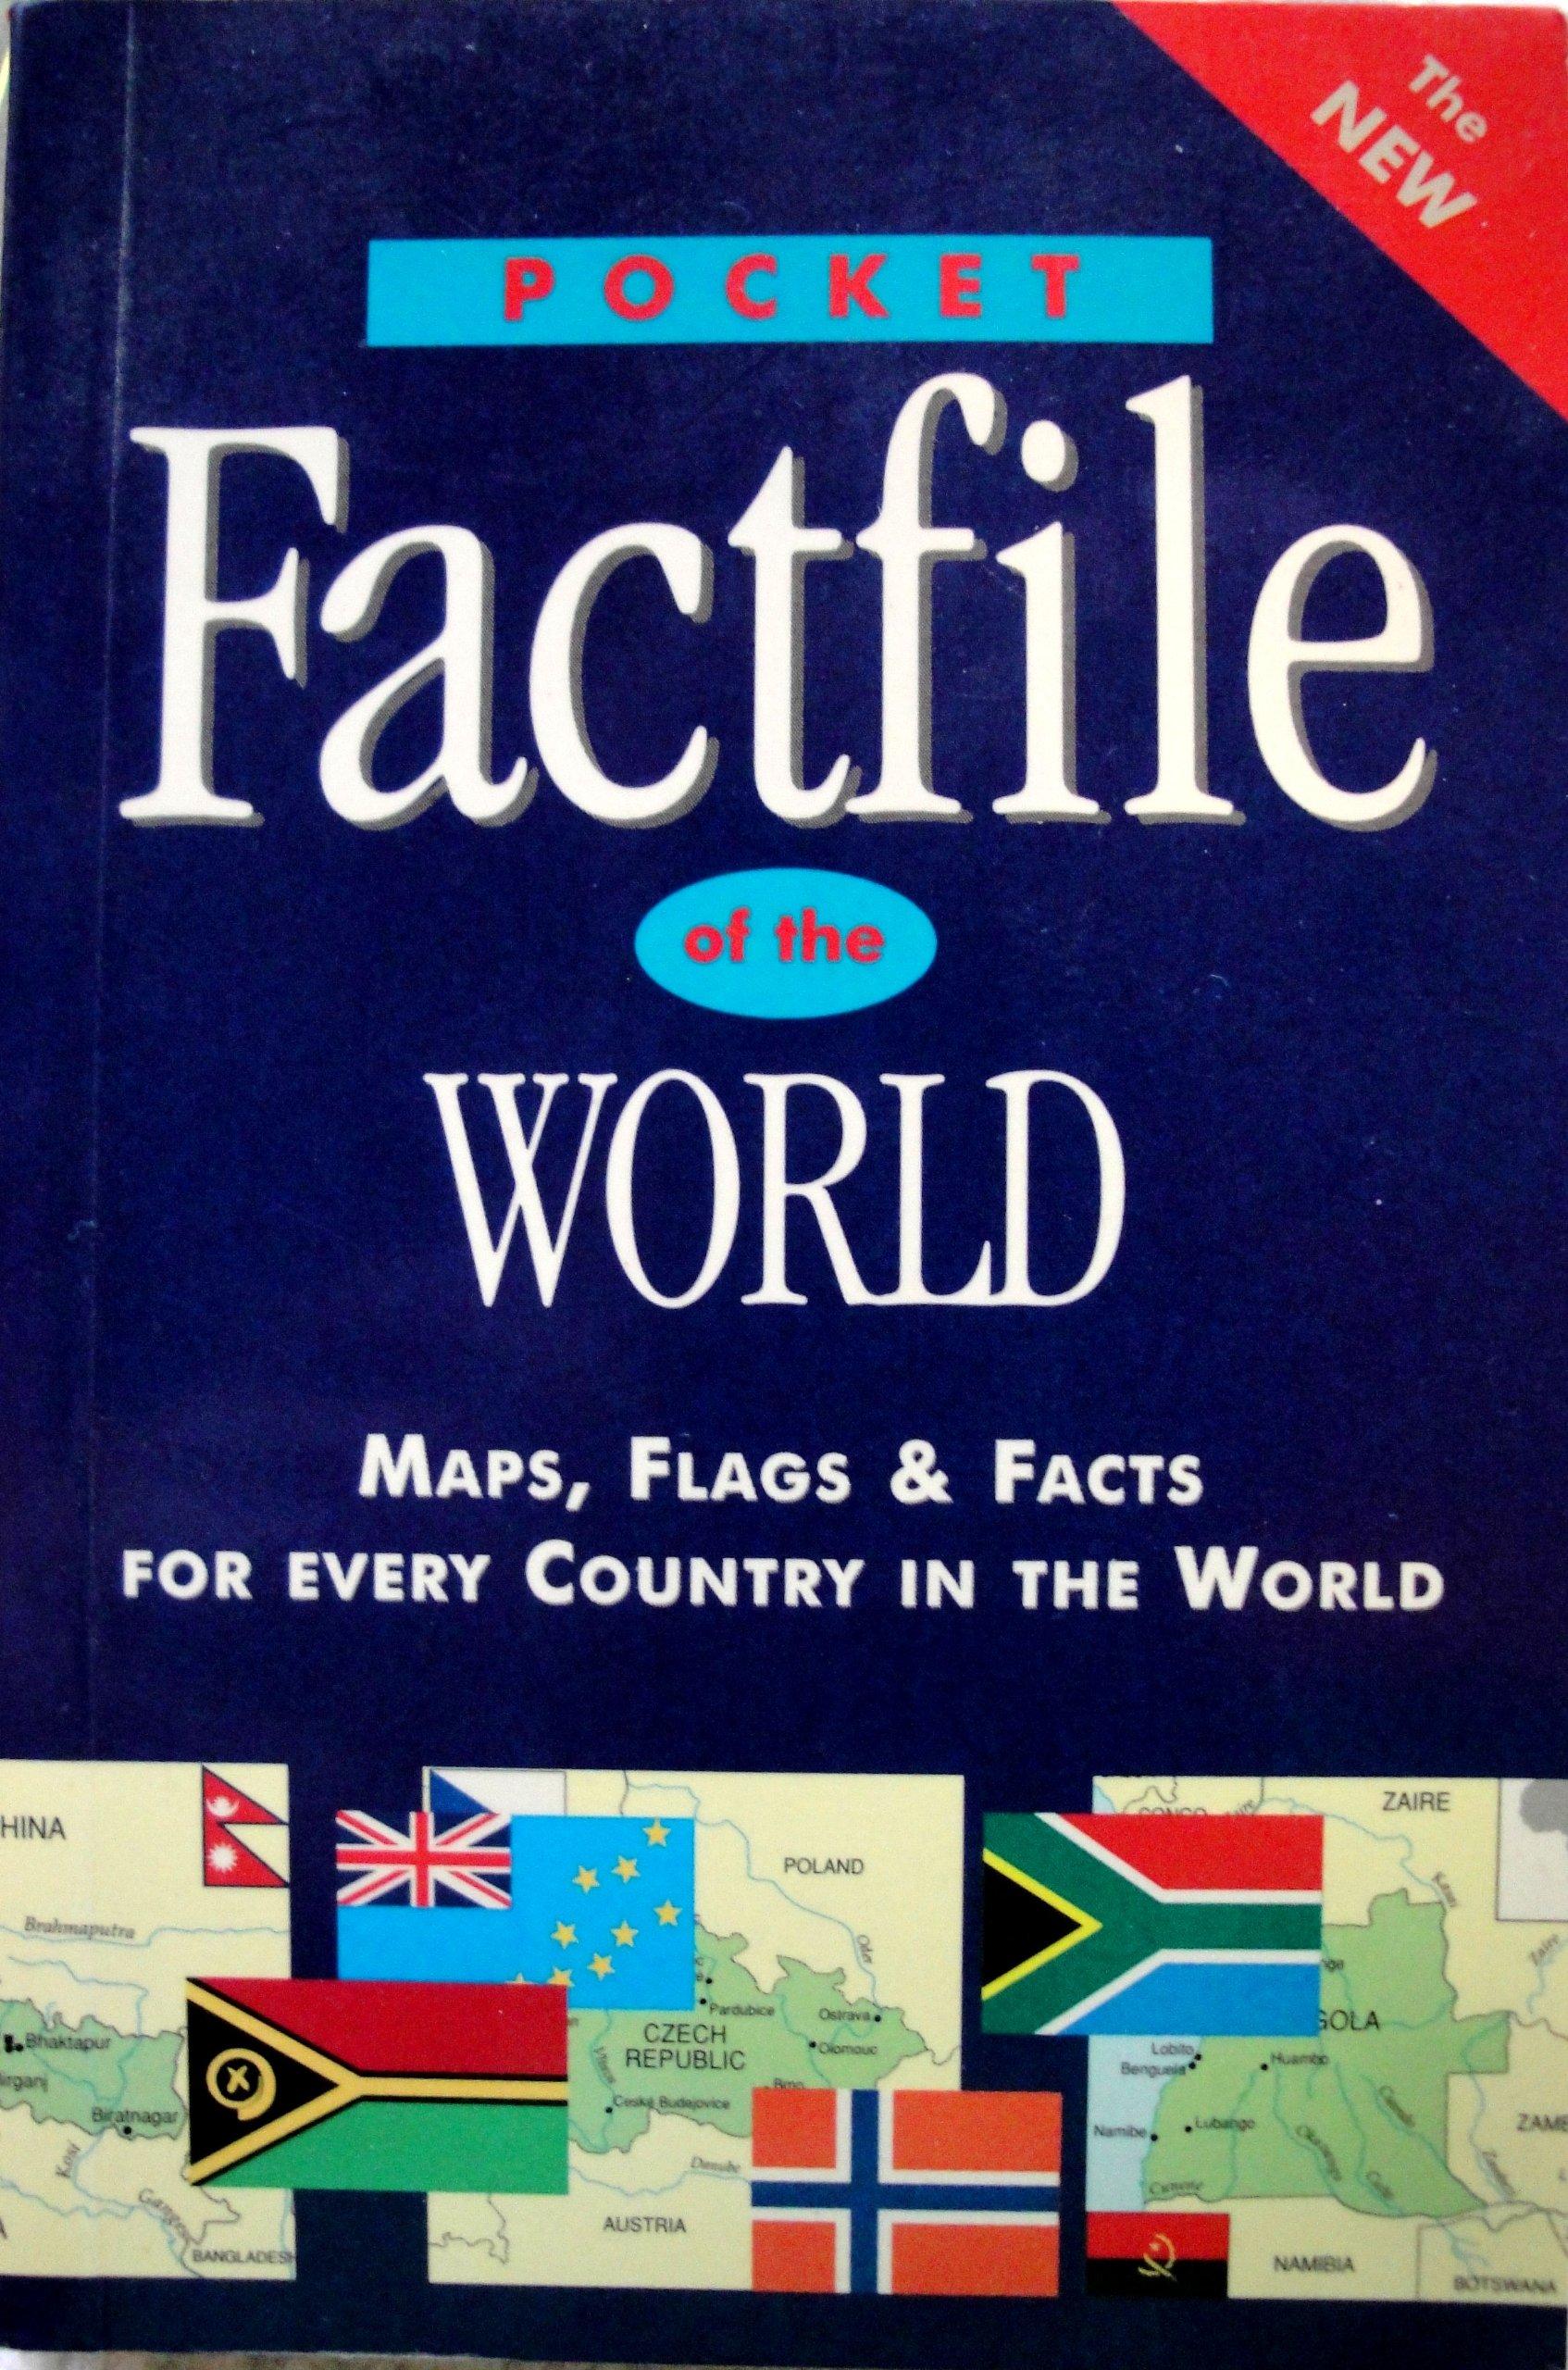 Pocket Factfile of the World: Amazon co uk: Fiona Gold